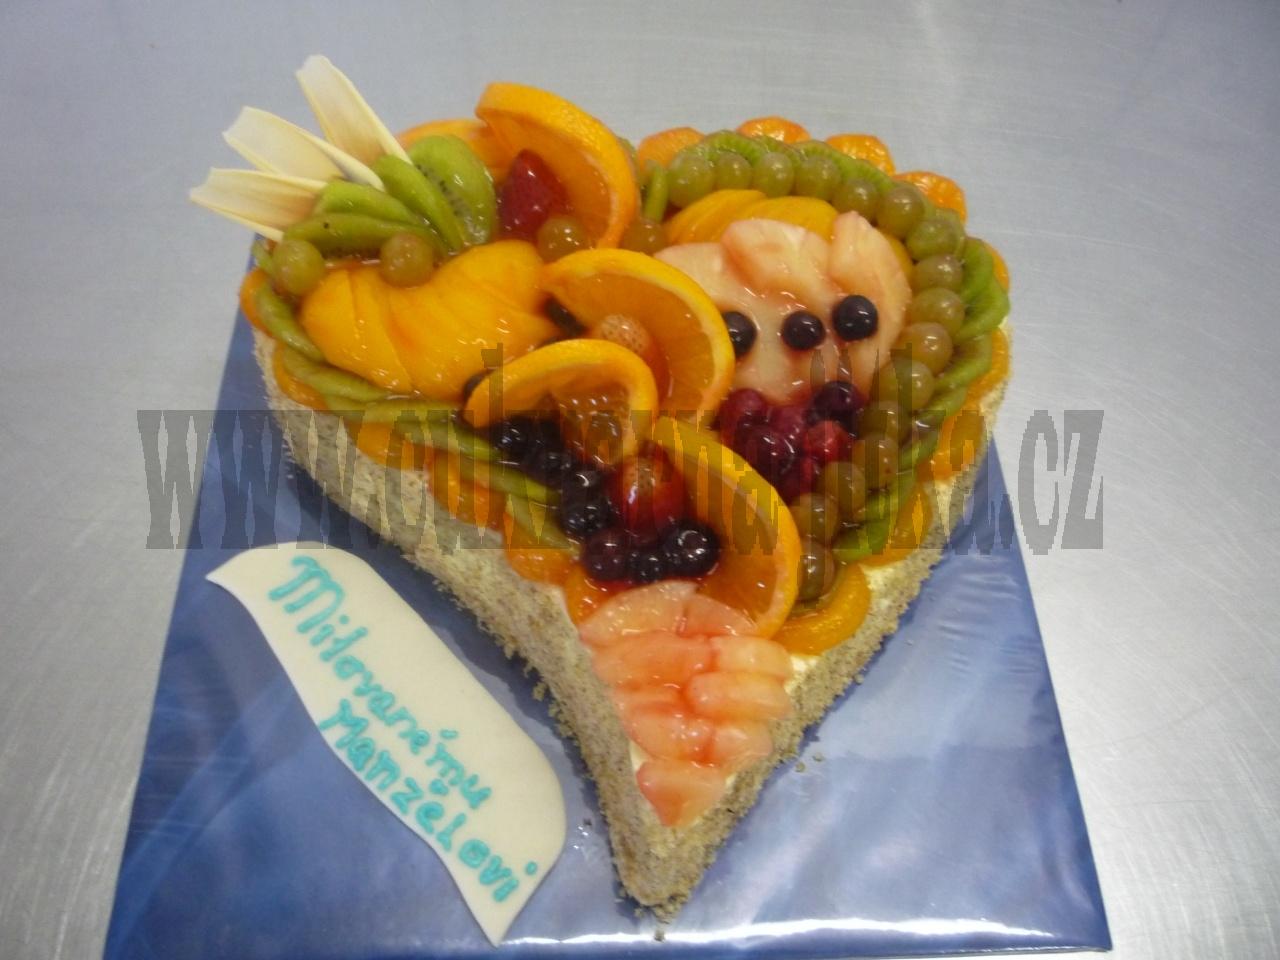 srdce dort  čerstvé ovoce+kompotované v gelu   č.415